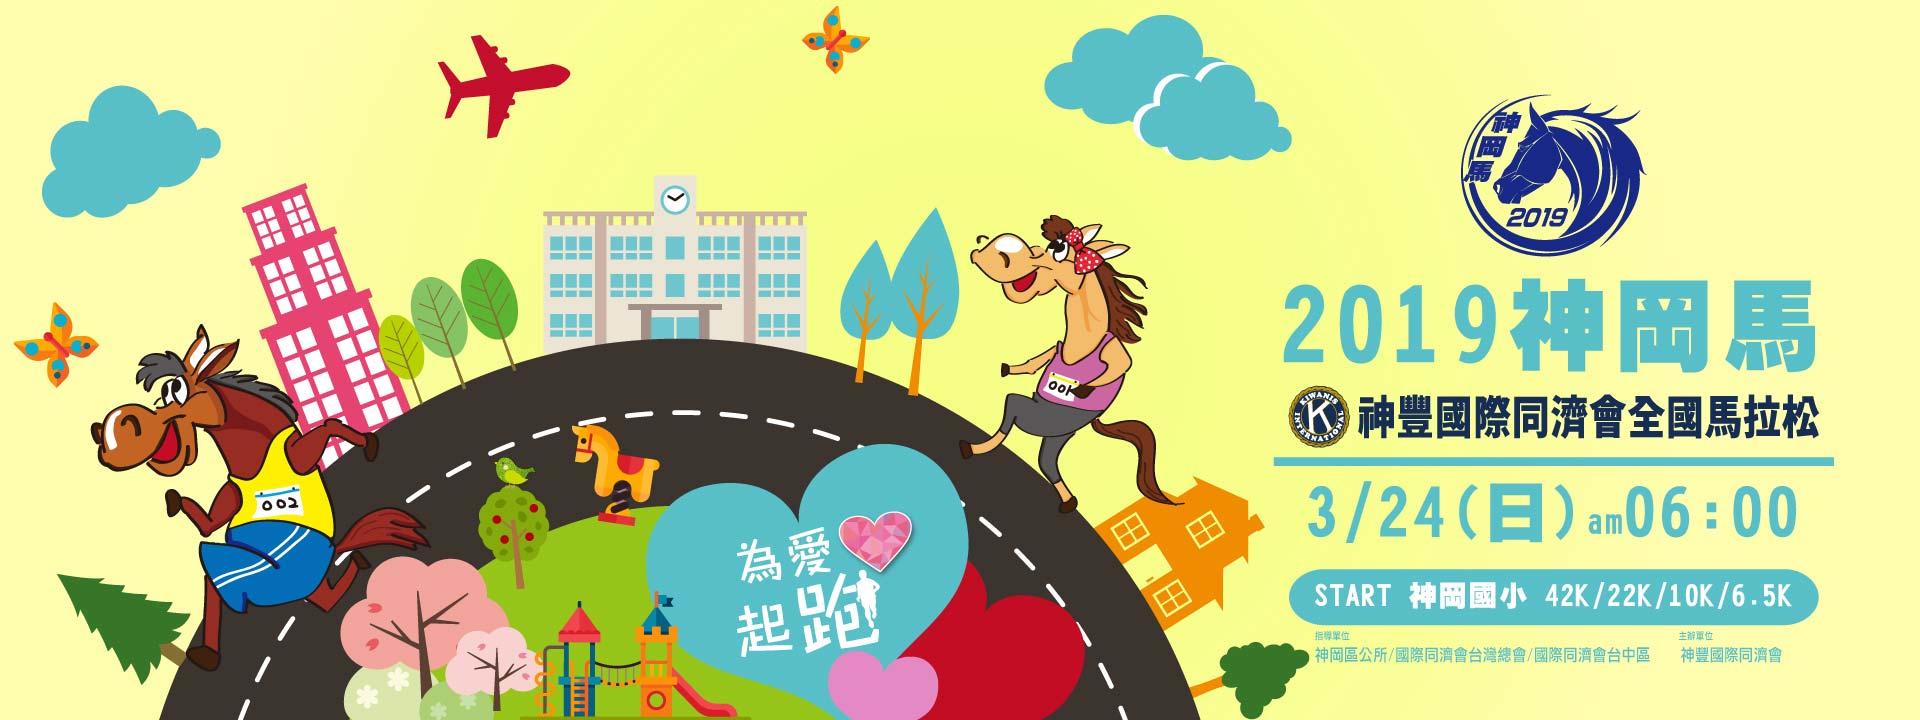 2019 神岡馬 神豐國際同濟會全國公益馬拉松